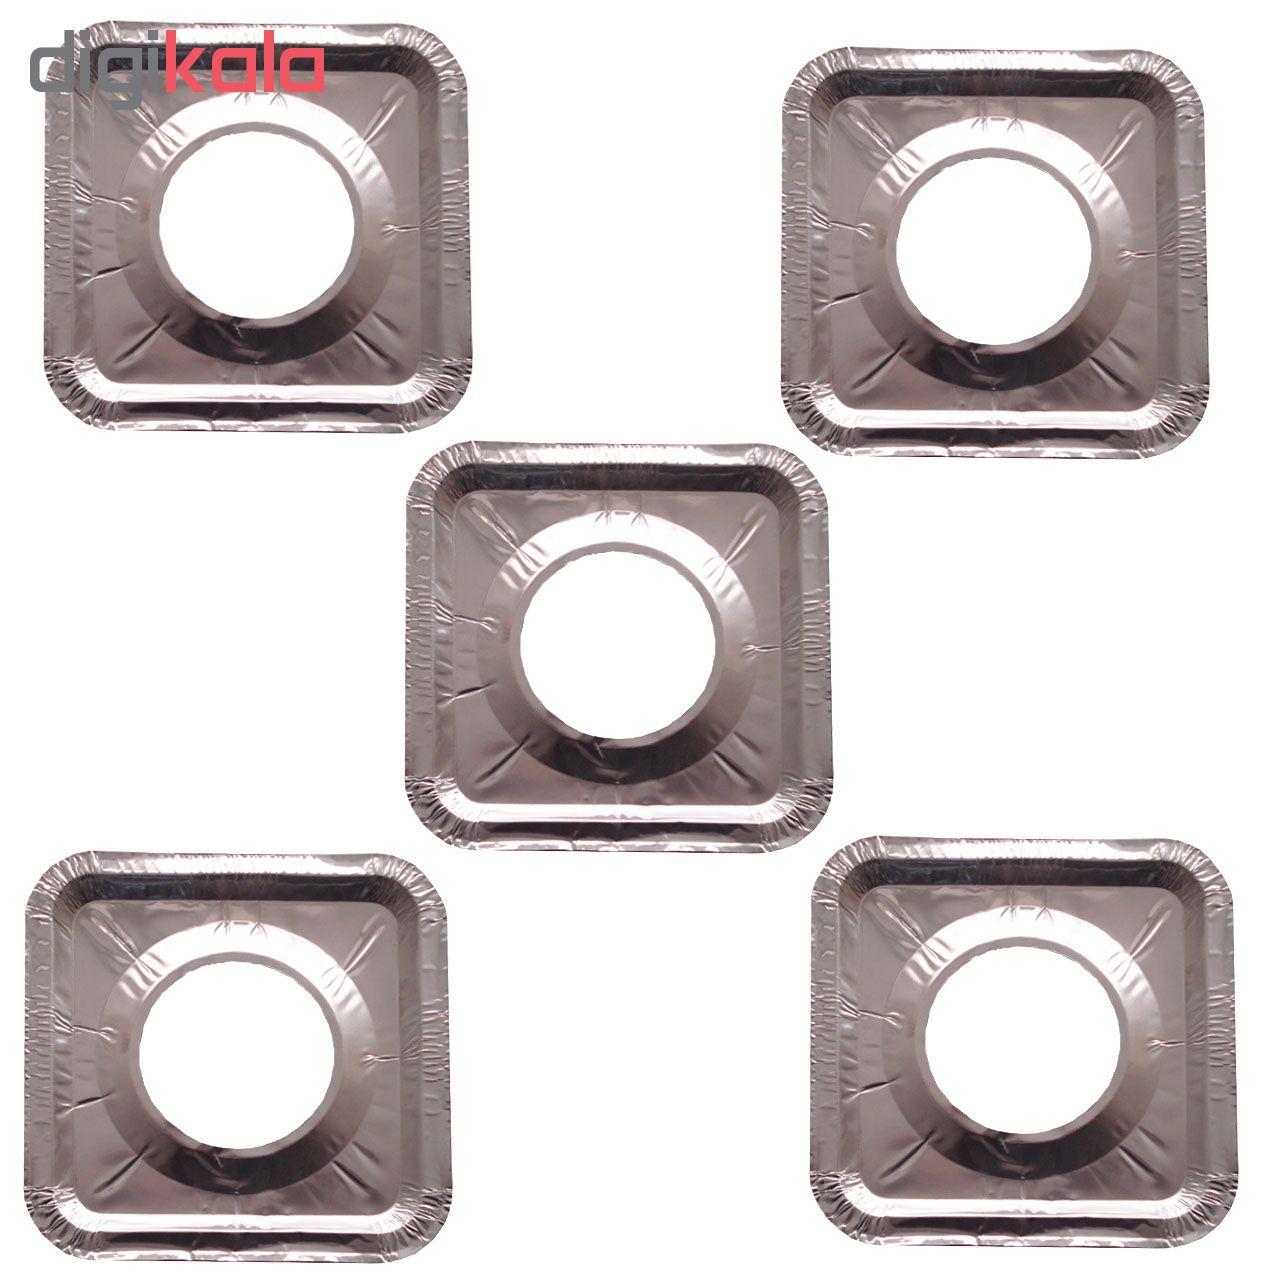 فویل آلومینیوم  کد 5PCS مجموعه 5 عددی